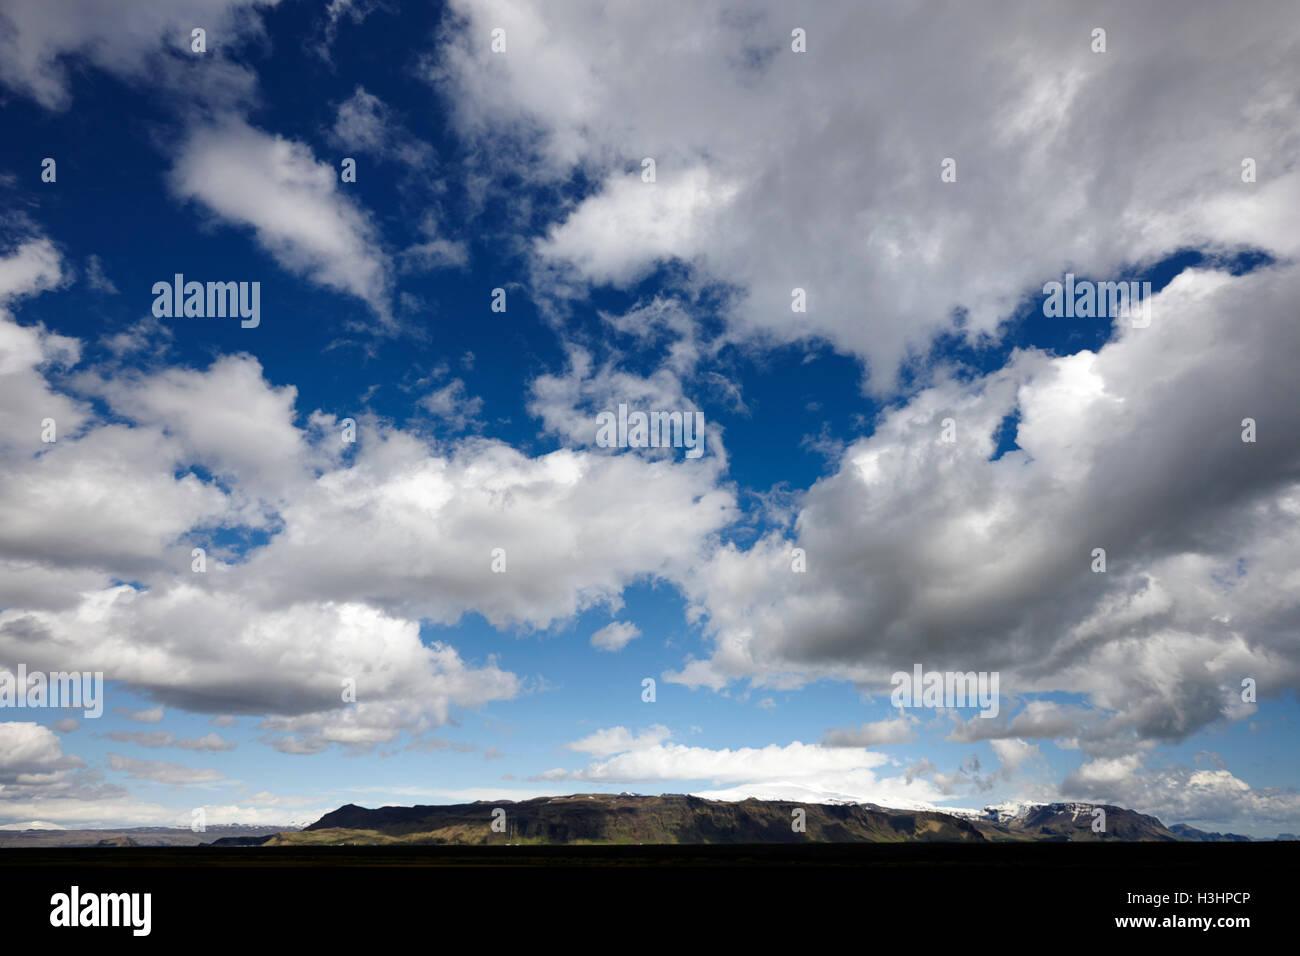 weiße Wolken am blauen Himmel über offene Nutzflächen im Süden Islands Stockbild